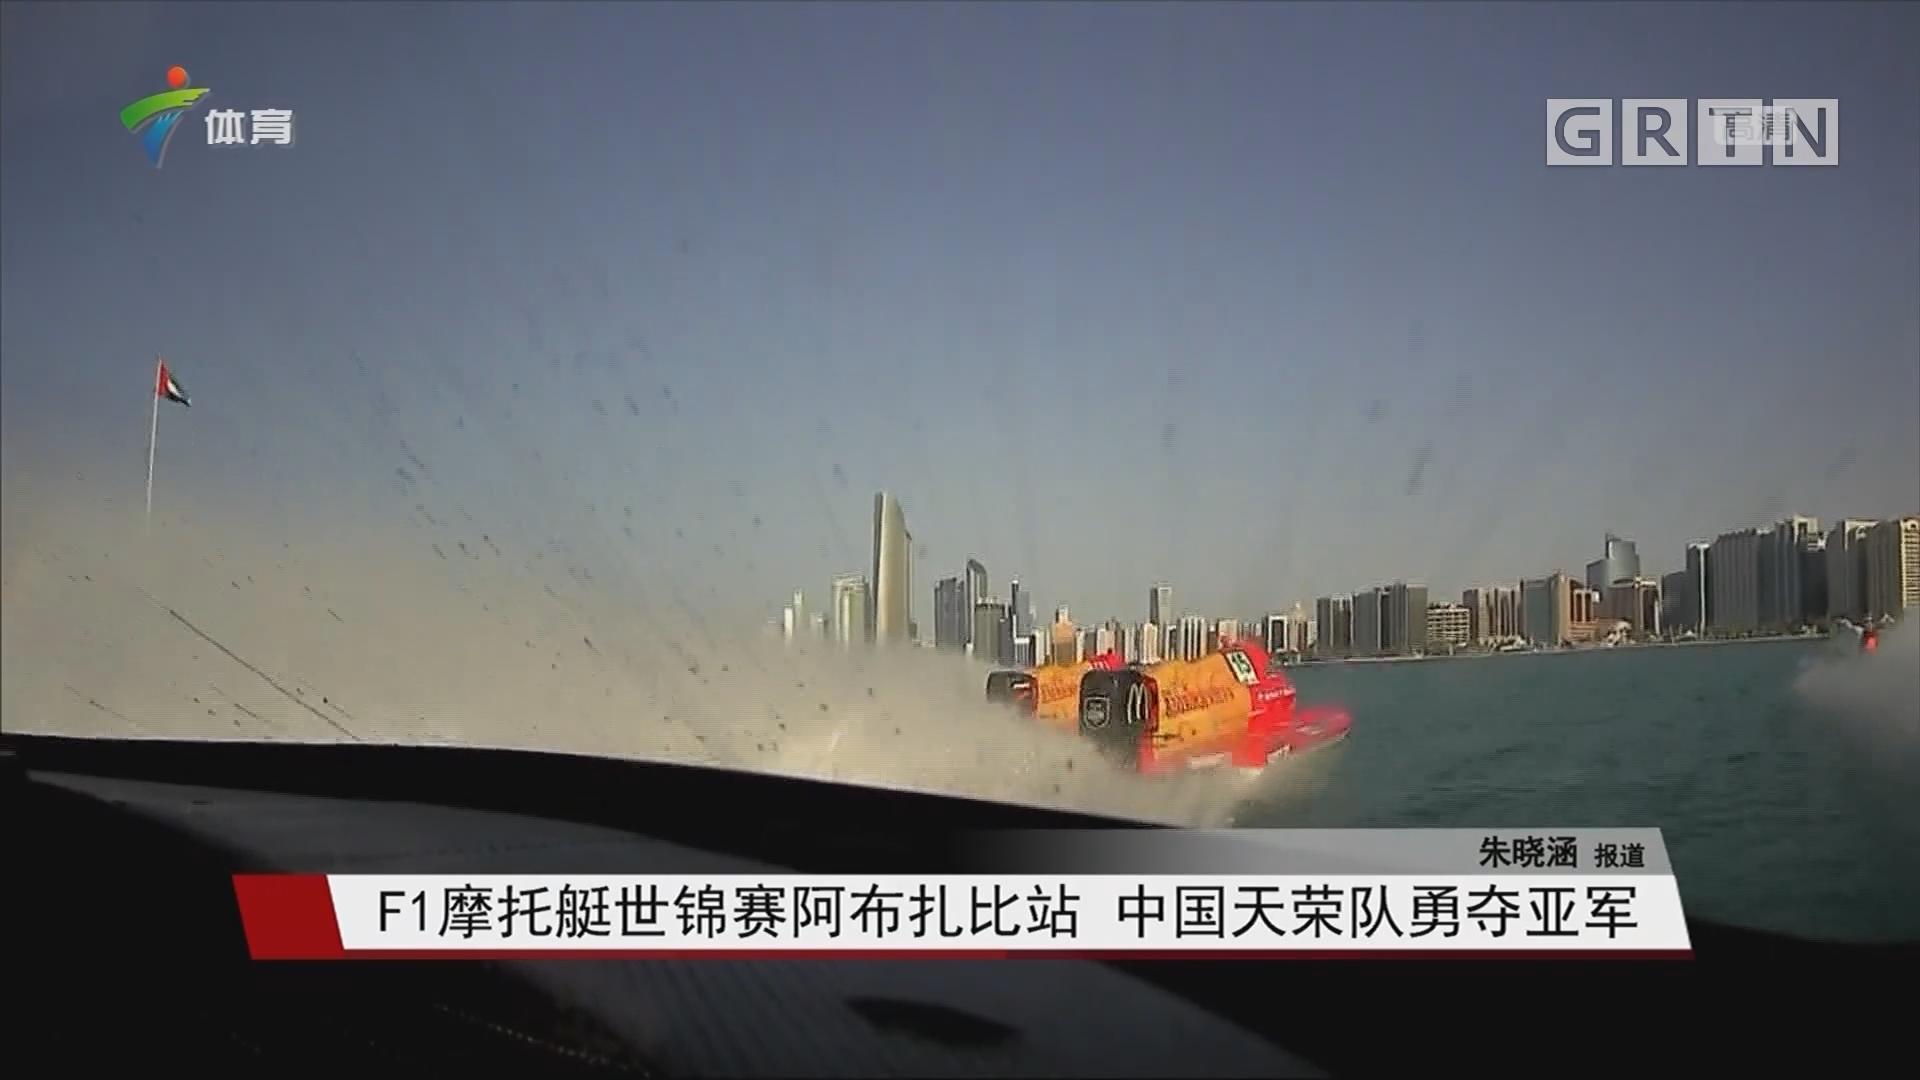 F1摩托艇世锦赛阿布扎比站 中国天荣队勇夺亚军